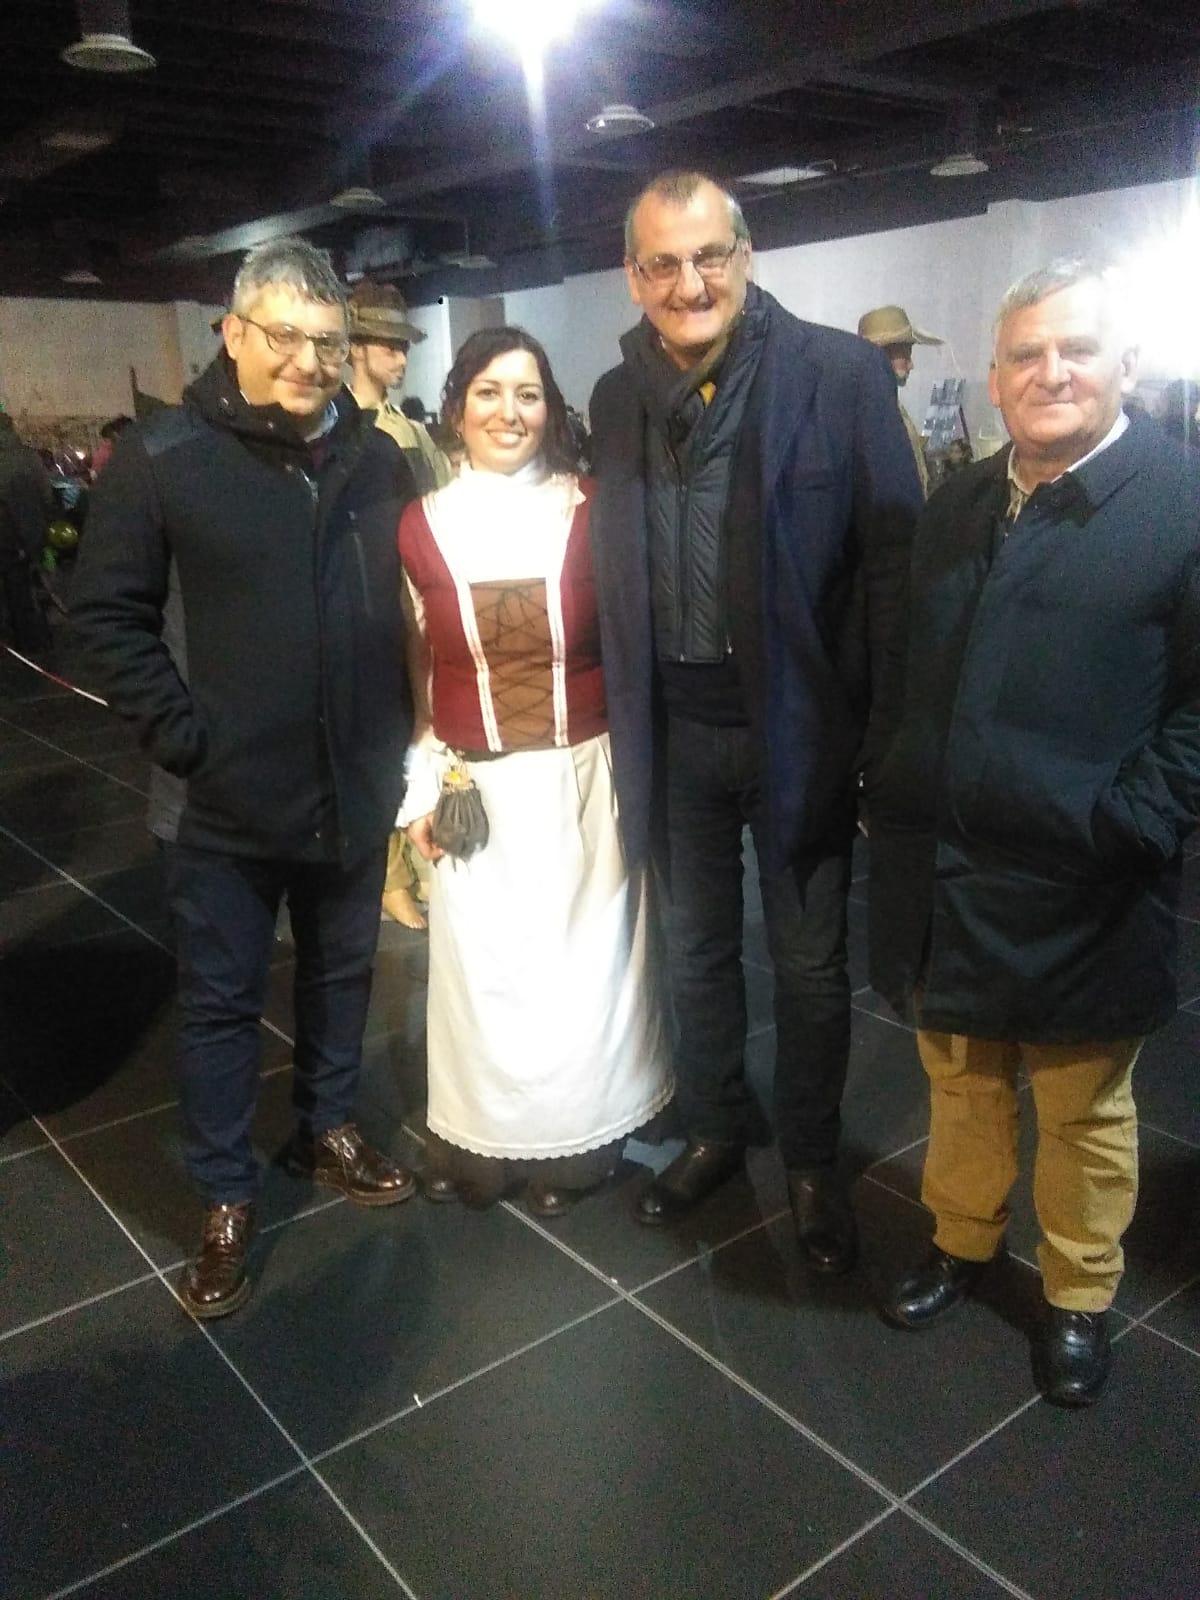 Sgritta-Villecco-Cariello-Piccirillo